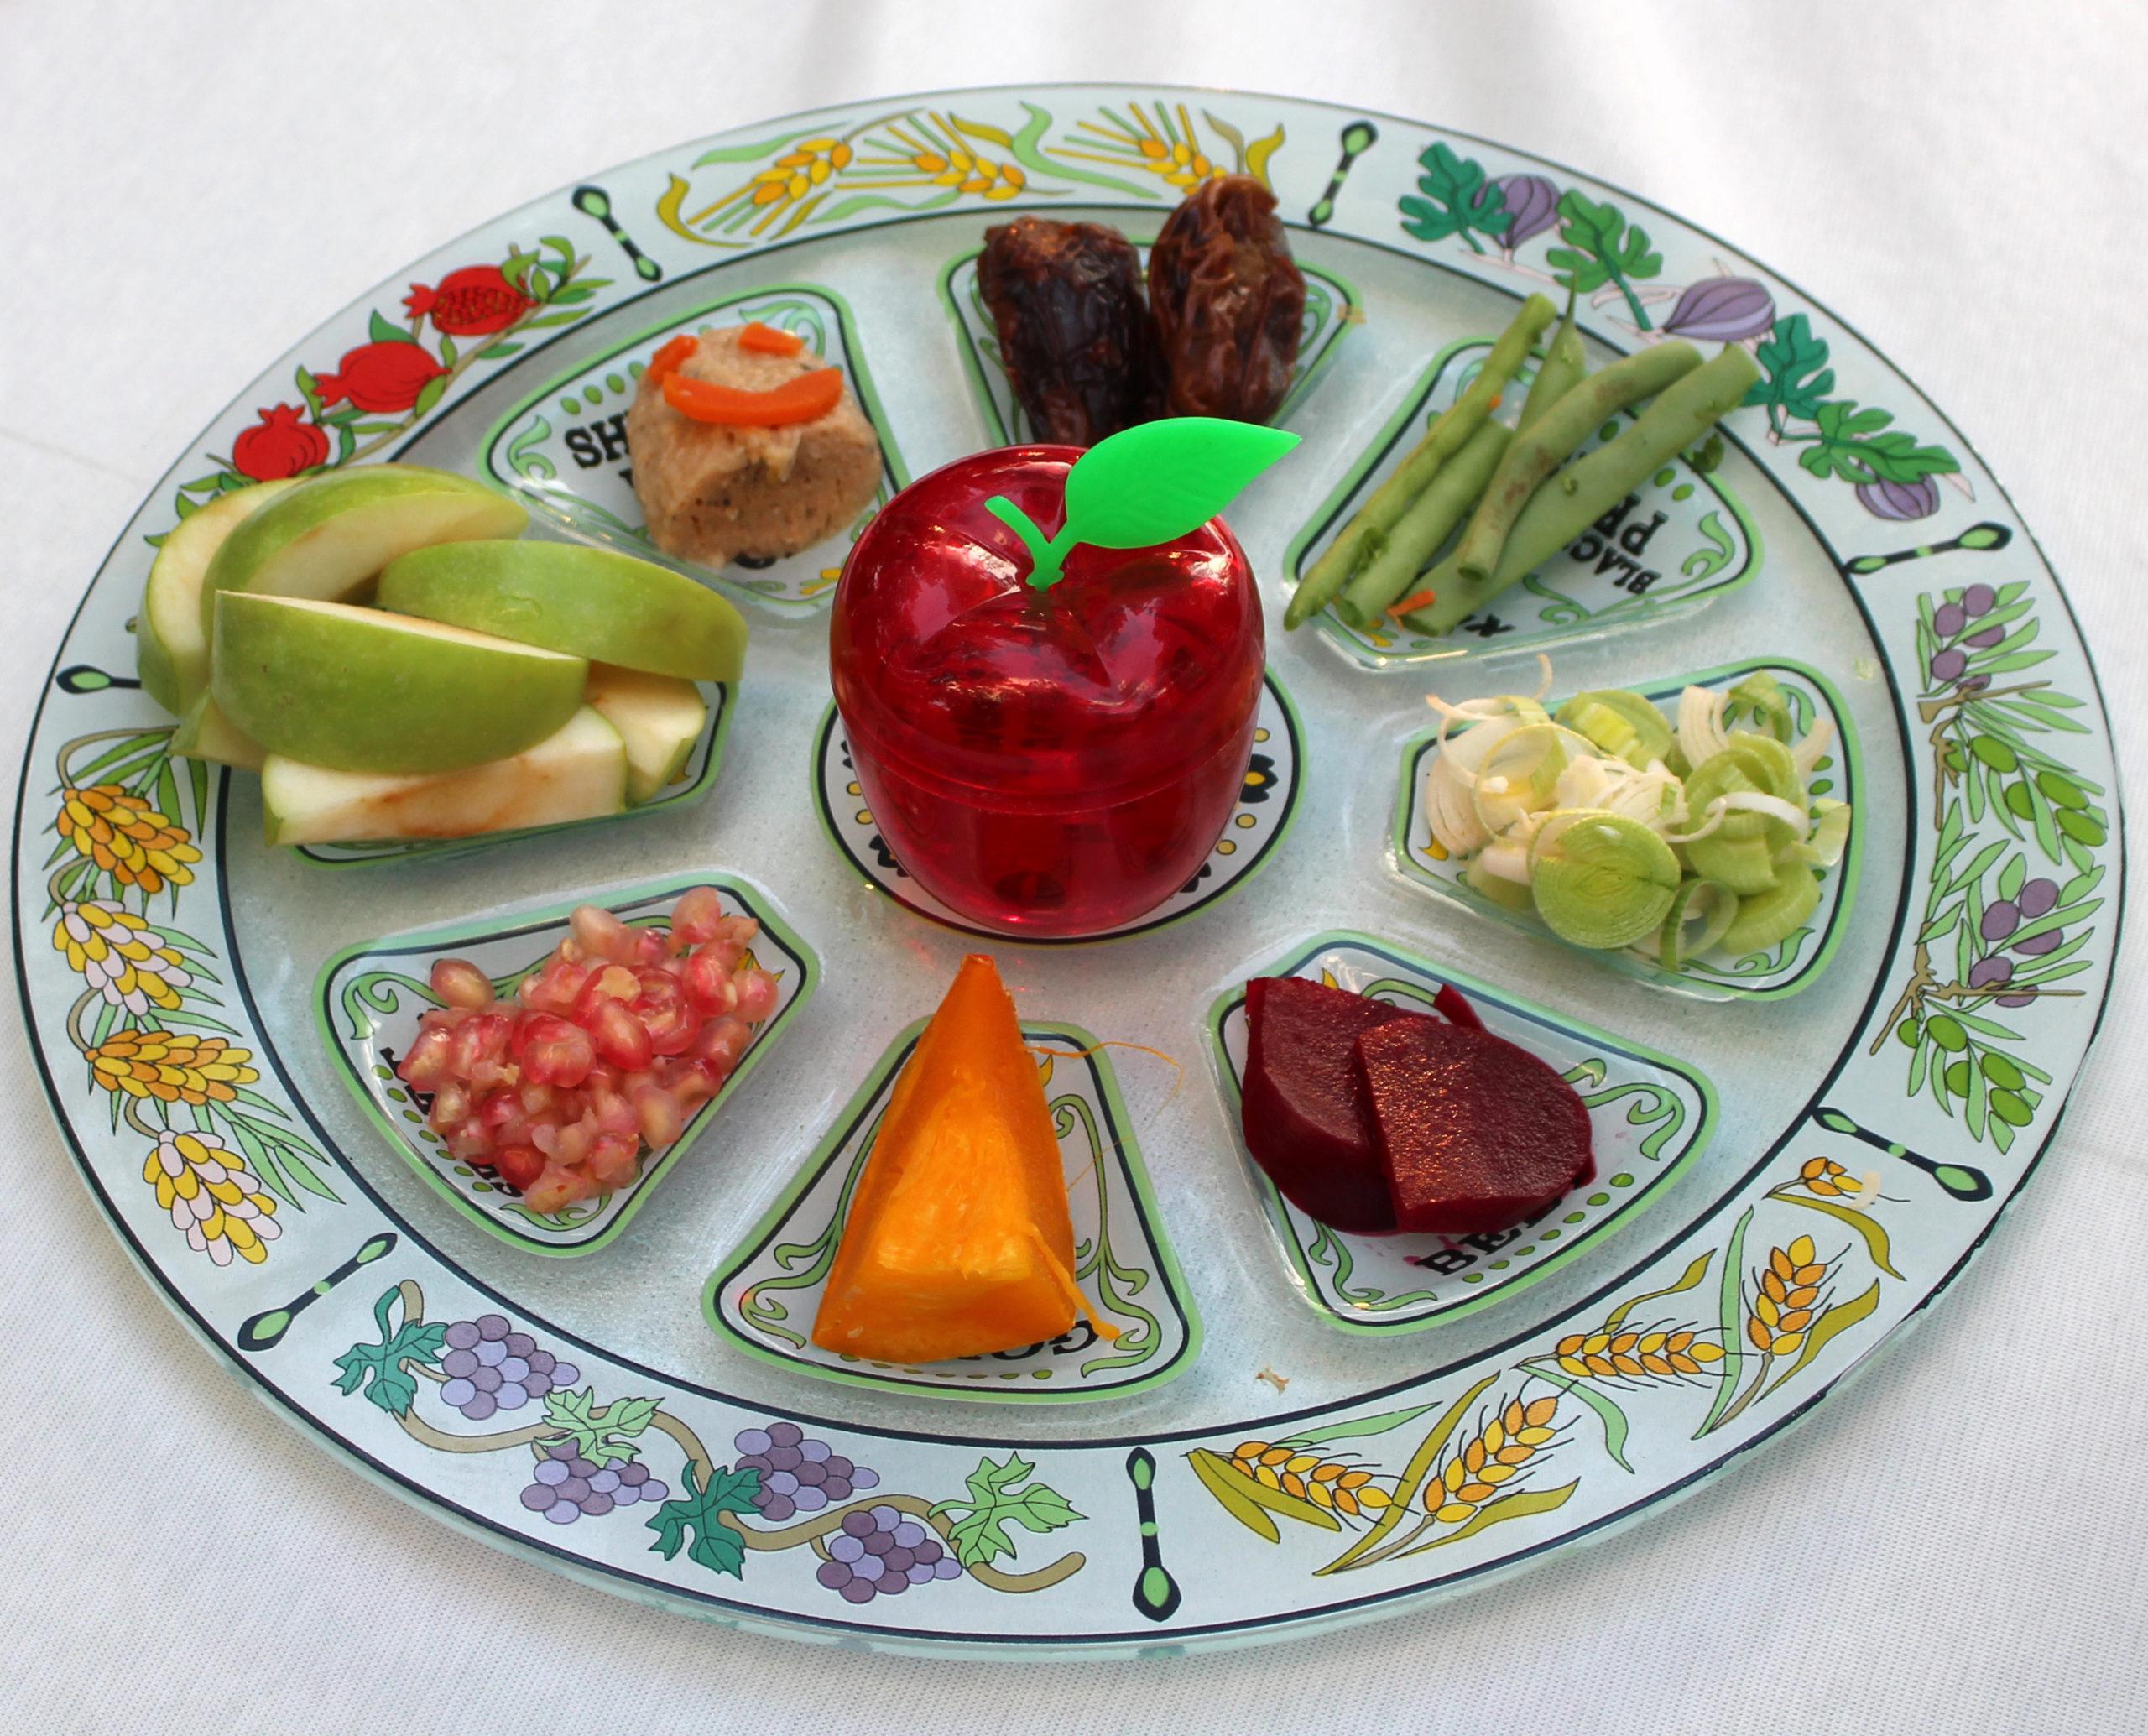 Make a Rosh Hashanah Seder (Yes, a Rosh Hashanah Seder)